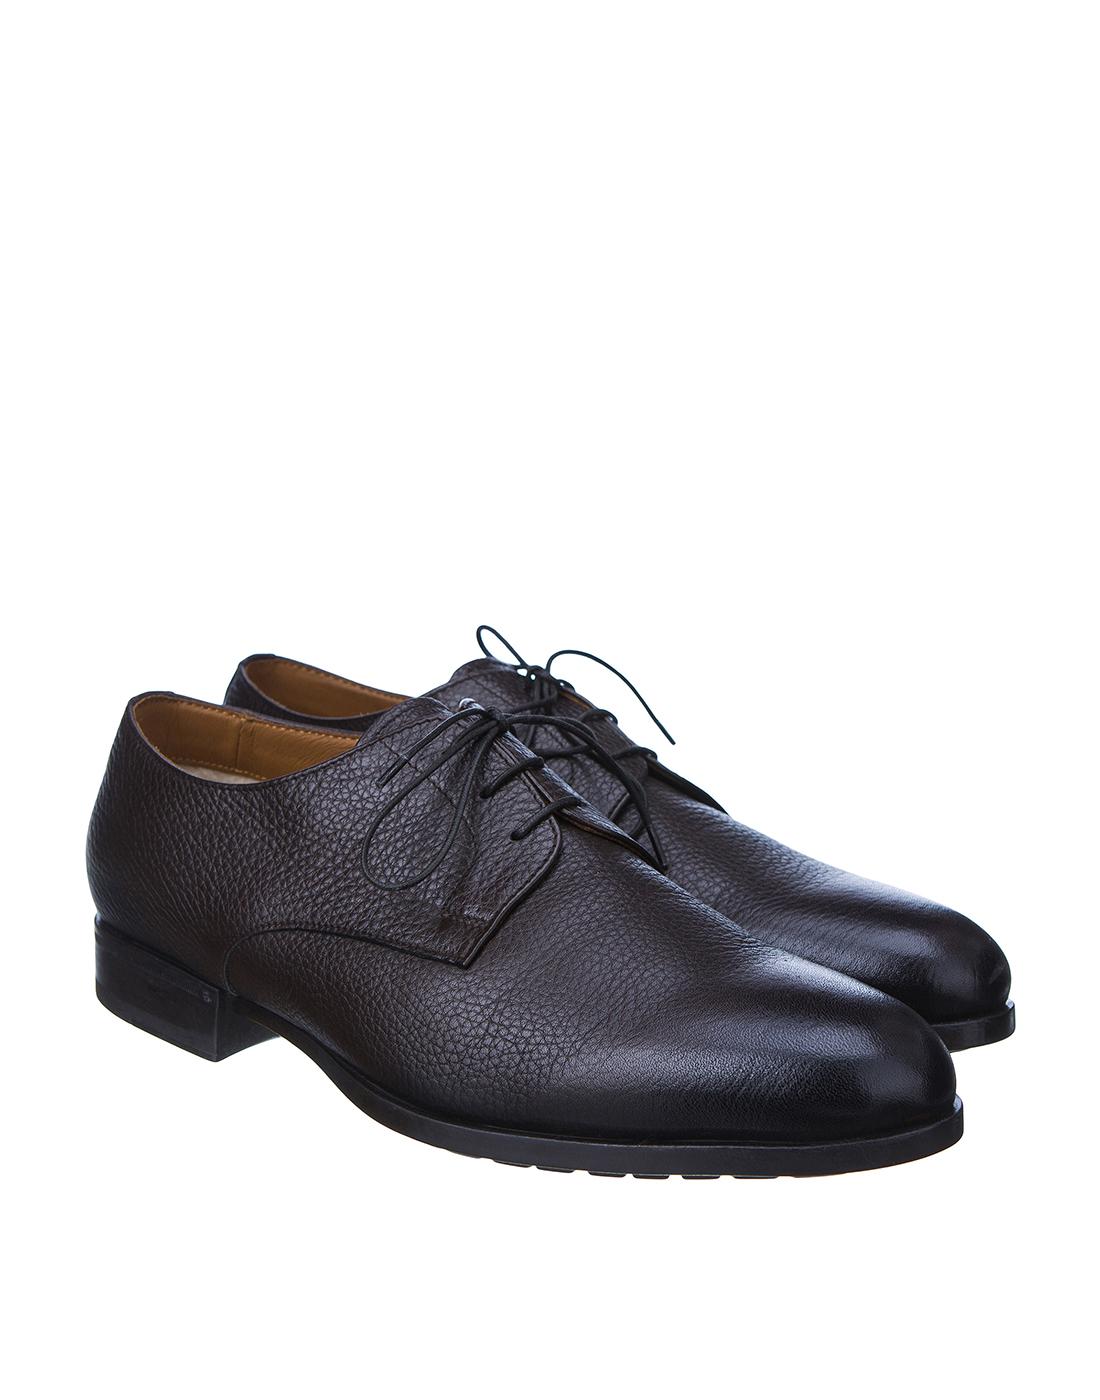 Туфли коричневые мужские Doucal's SU1252 019-2